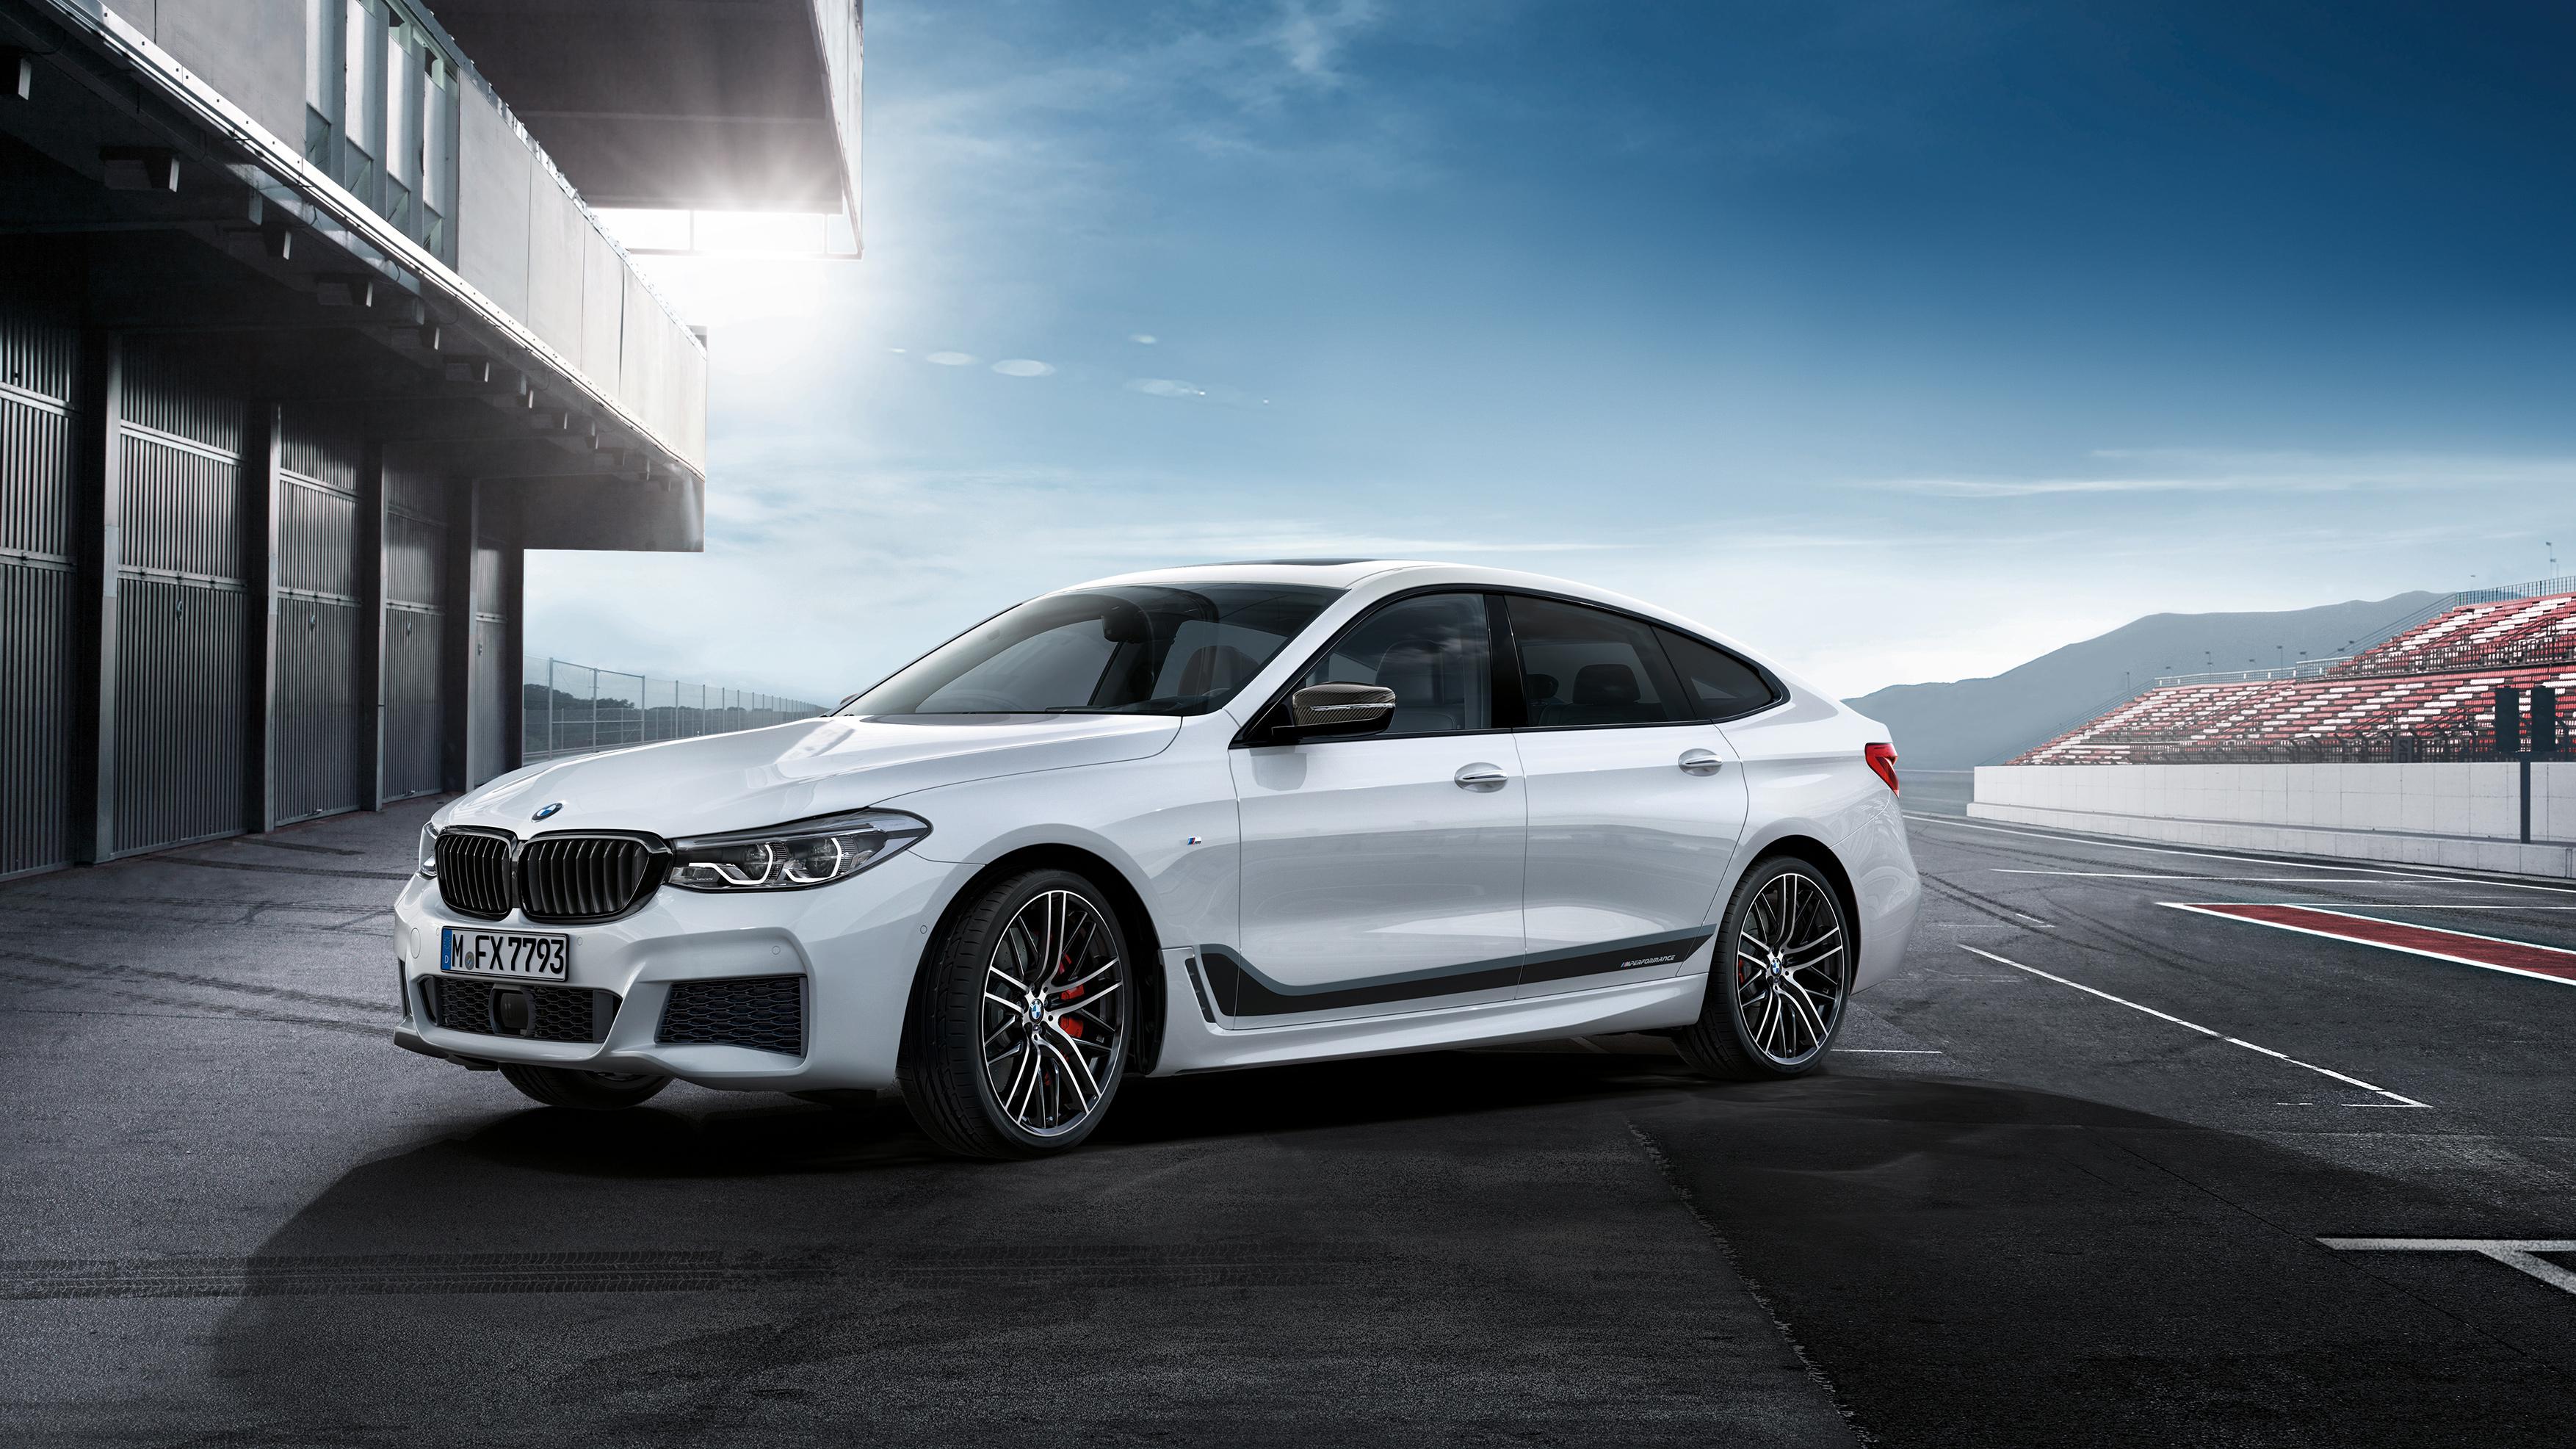 BMW 640i XDrive Gran Turismo M Sport 2017 Wallpaper HD